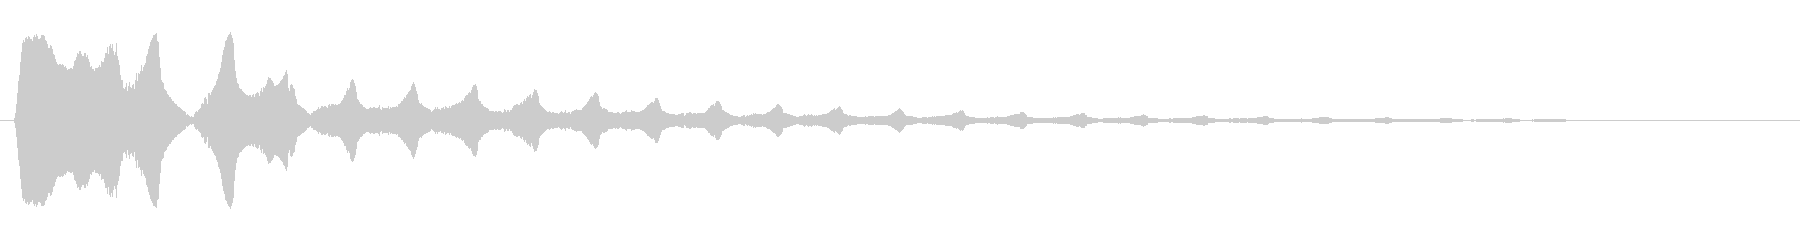 キラーン(金属系音)高音の未再生の波形